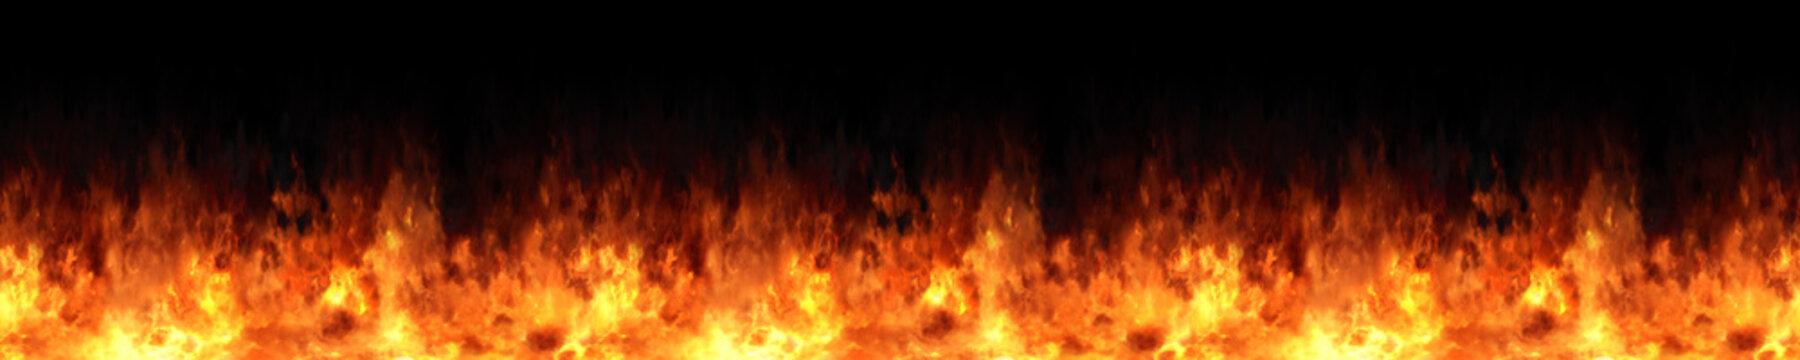 seamless fire texture illustration